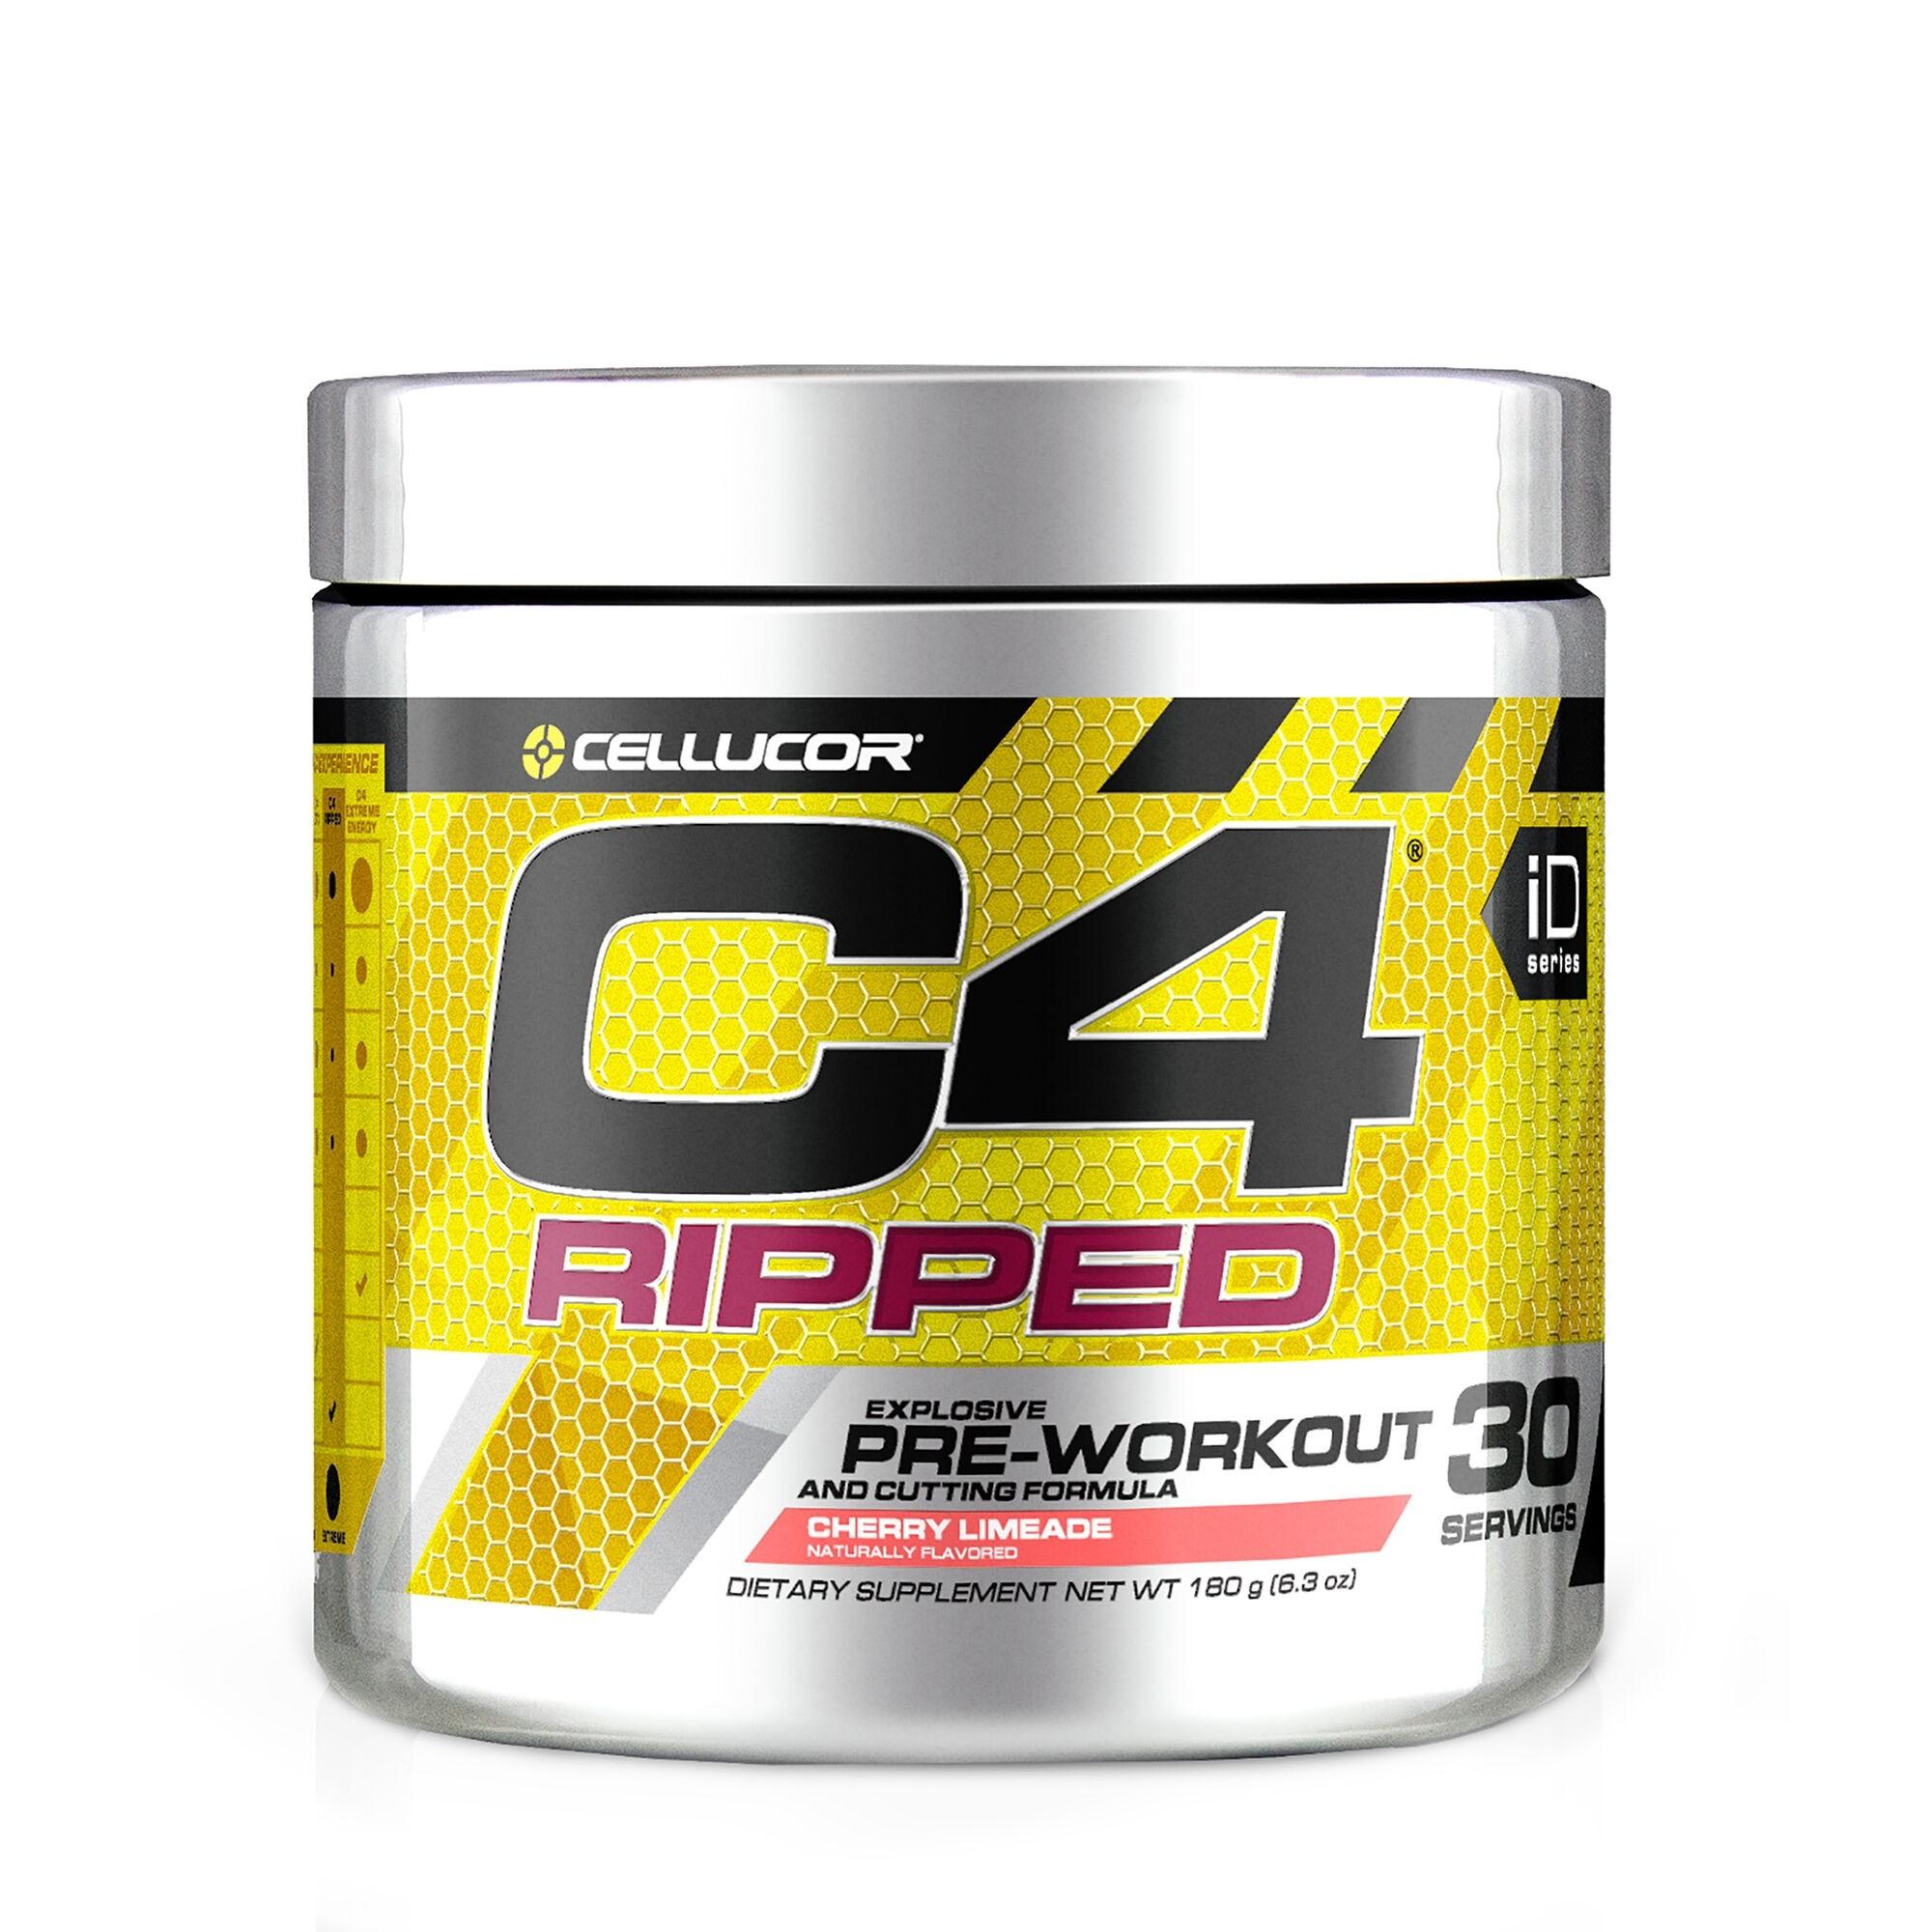 Cellucor® C4® Ripped, Formula Pre-Workout, cu Aroma de Limonada cu Cirese, 180 g